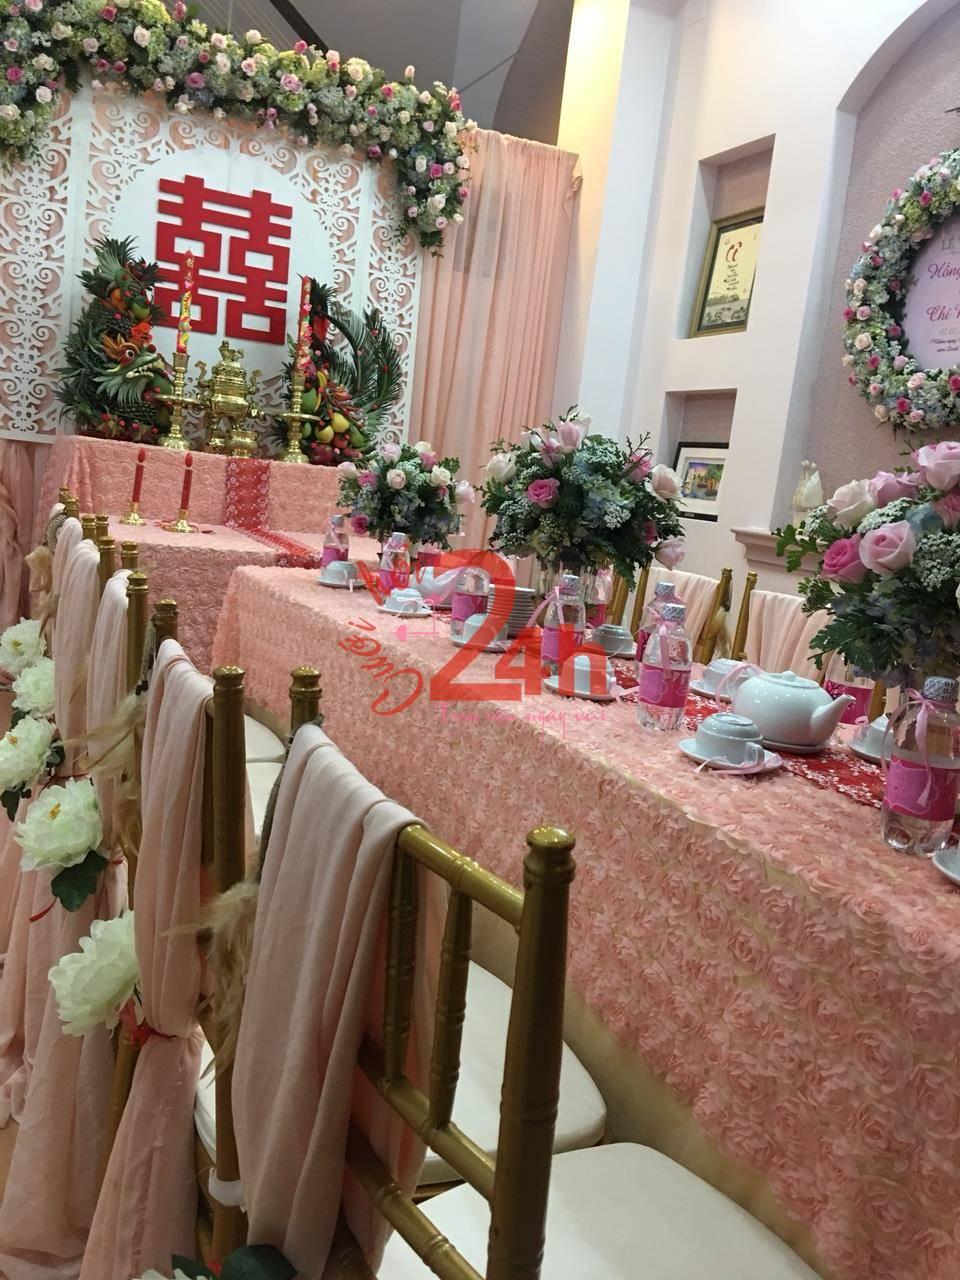 Dịch vụ cưới hỏi 24h trọn vẹn ngày vui chuyên trang trí nhà đám cưới hỏi và nhà hàng tiệc cưới | Bàn hai họ trưng bày các bình hoa cắm hoa cẩm tú cầu và hoa hồng dịu dàng